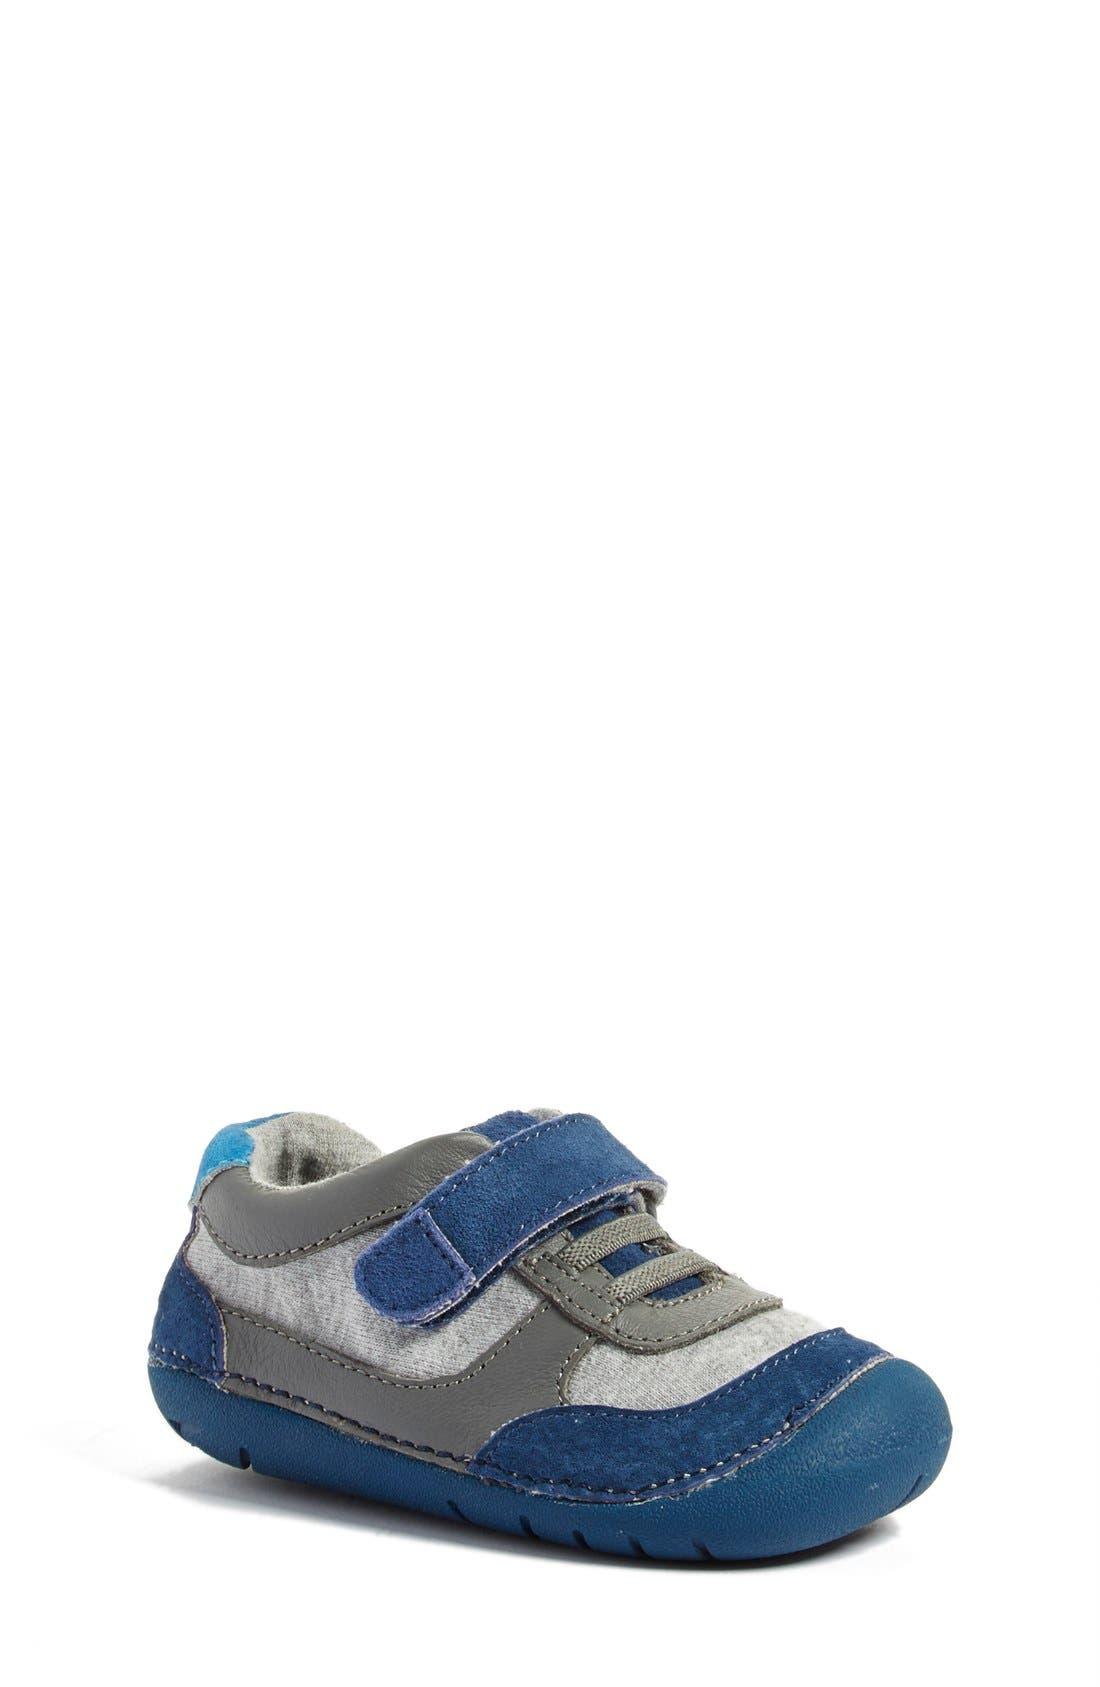 Alternate Image 1 Selected - Tucker + Tate 'Quinn' Sneaker (Baby & Walker)